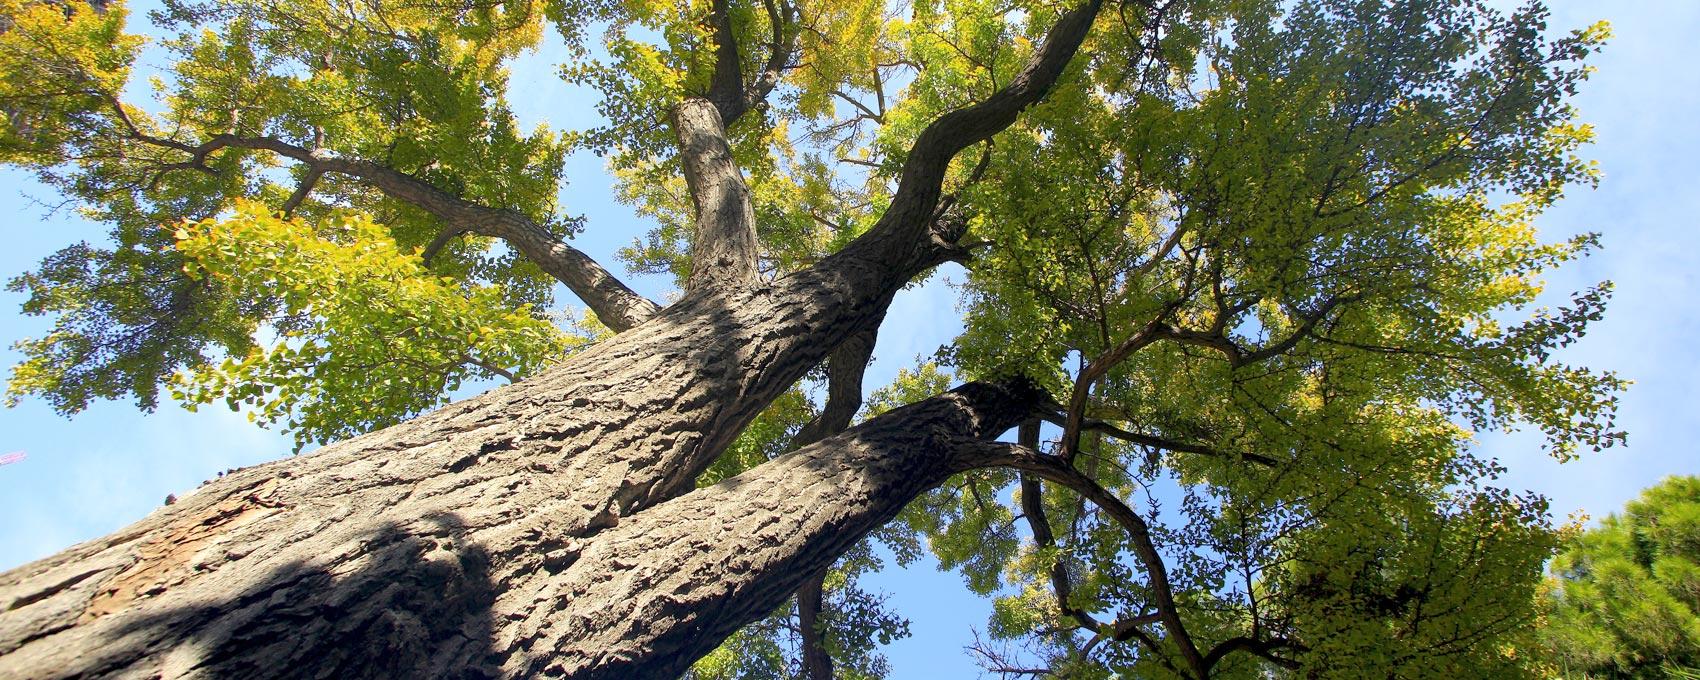 Conegut com a l'arbre dels quaranta escuts, és un arbre únic en el món. Pot aplegar a fer 35 metres d'alçada